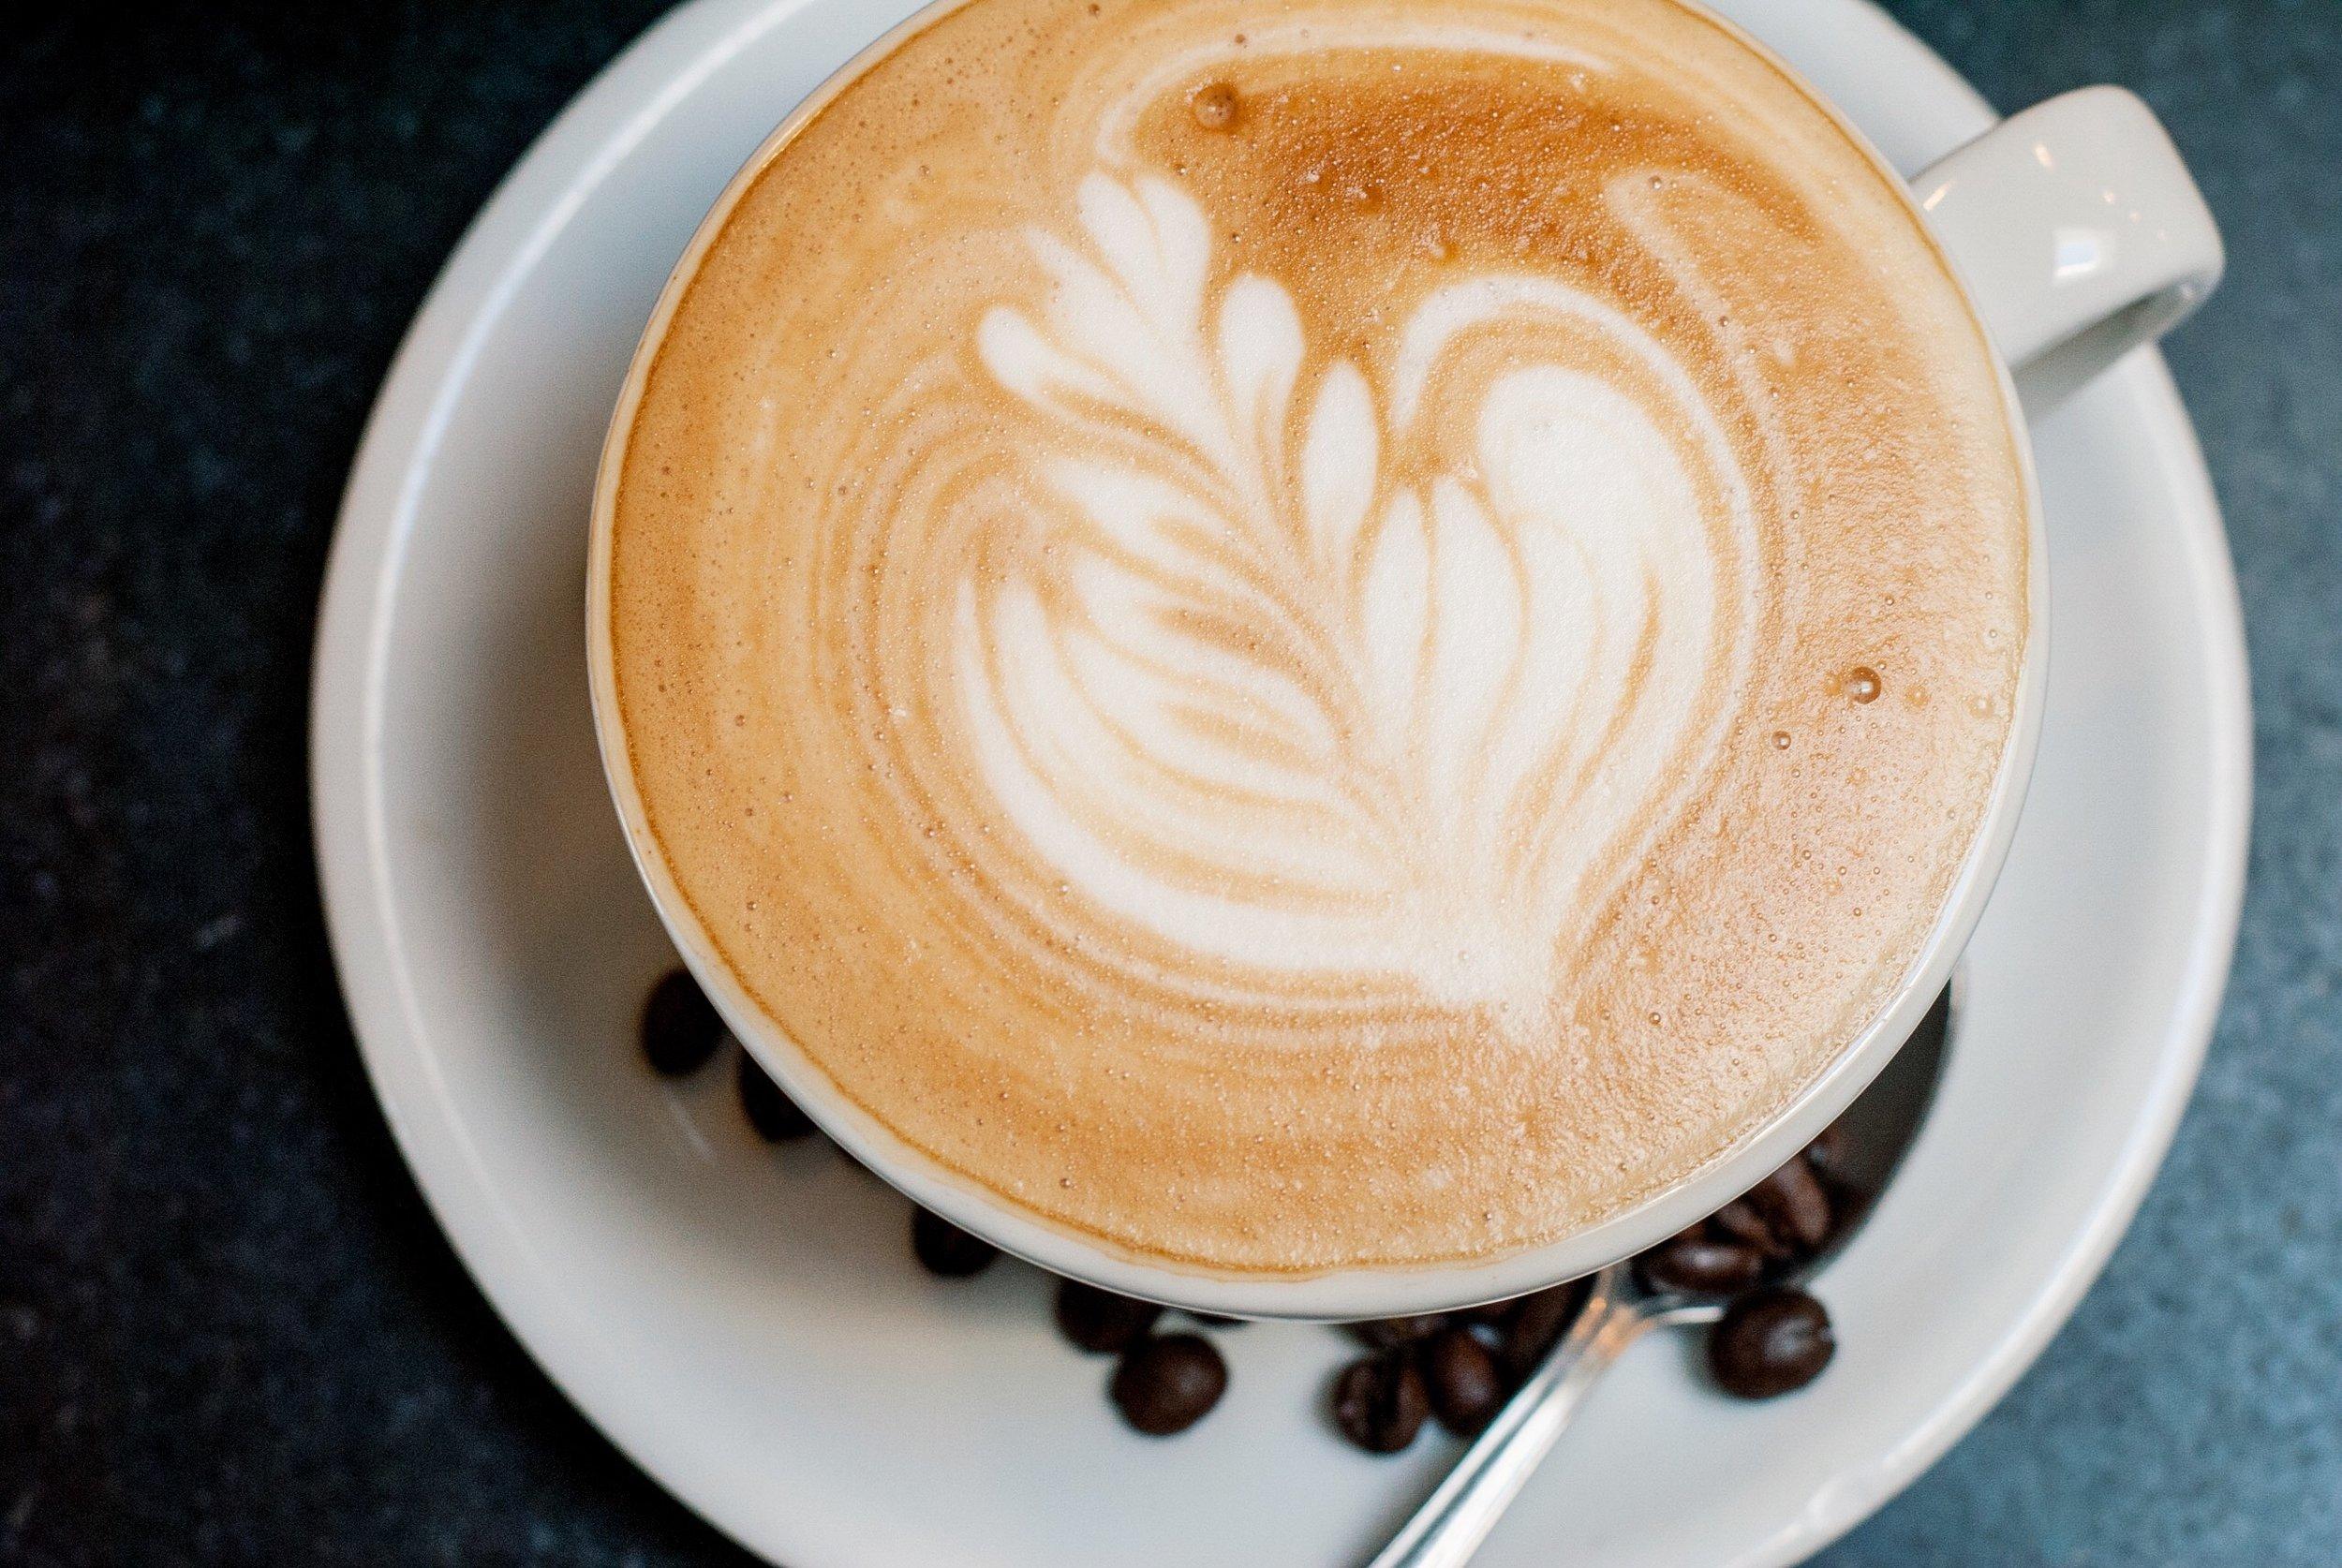 Caffe Luxxe Latte 1